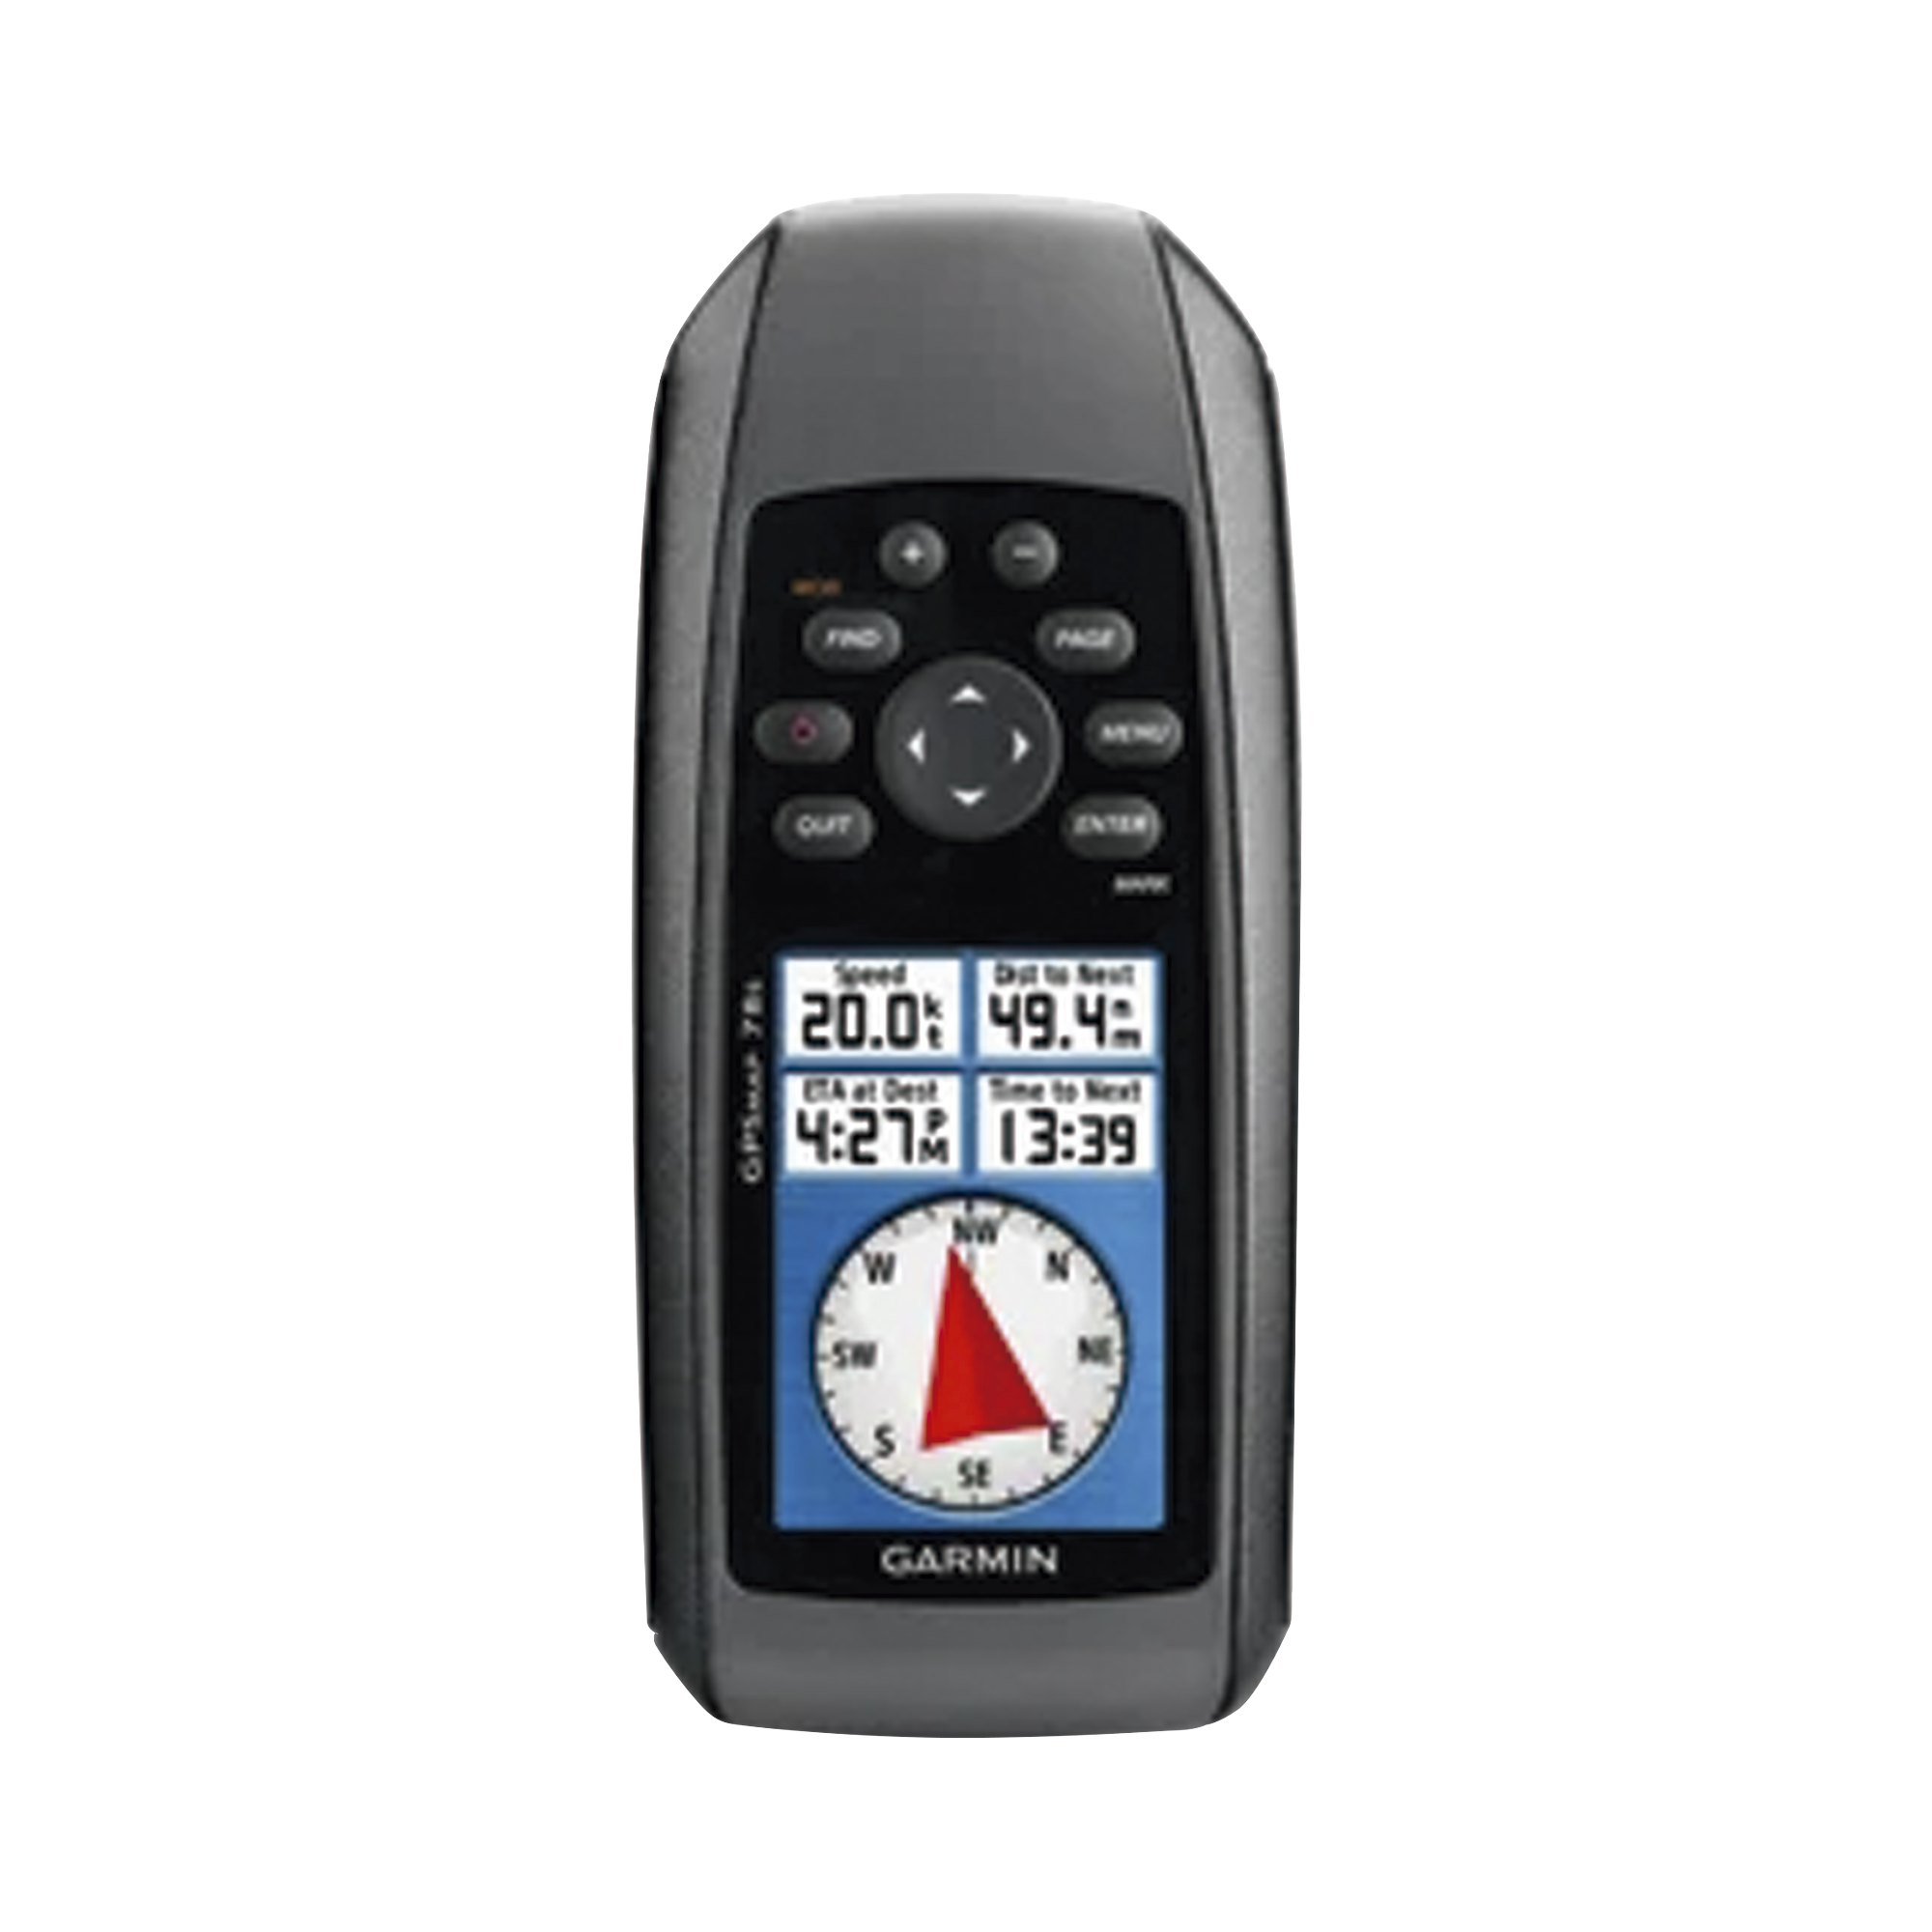 GPS portátil GPSMAP 78S con memoria interna de 1.7 GB, soporta un almacenamiento interno de hasta 2000  puntos de interés, incluye sensor de altímetro barométrico y brújula.